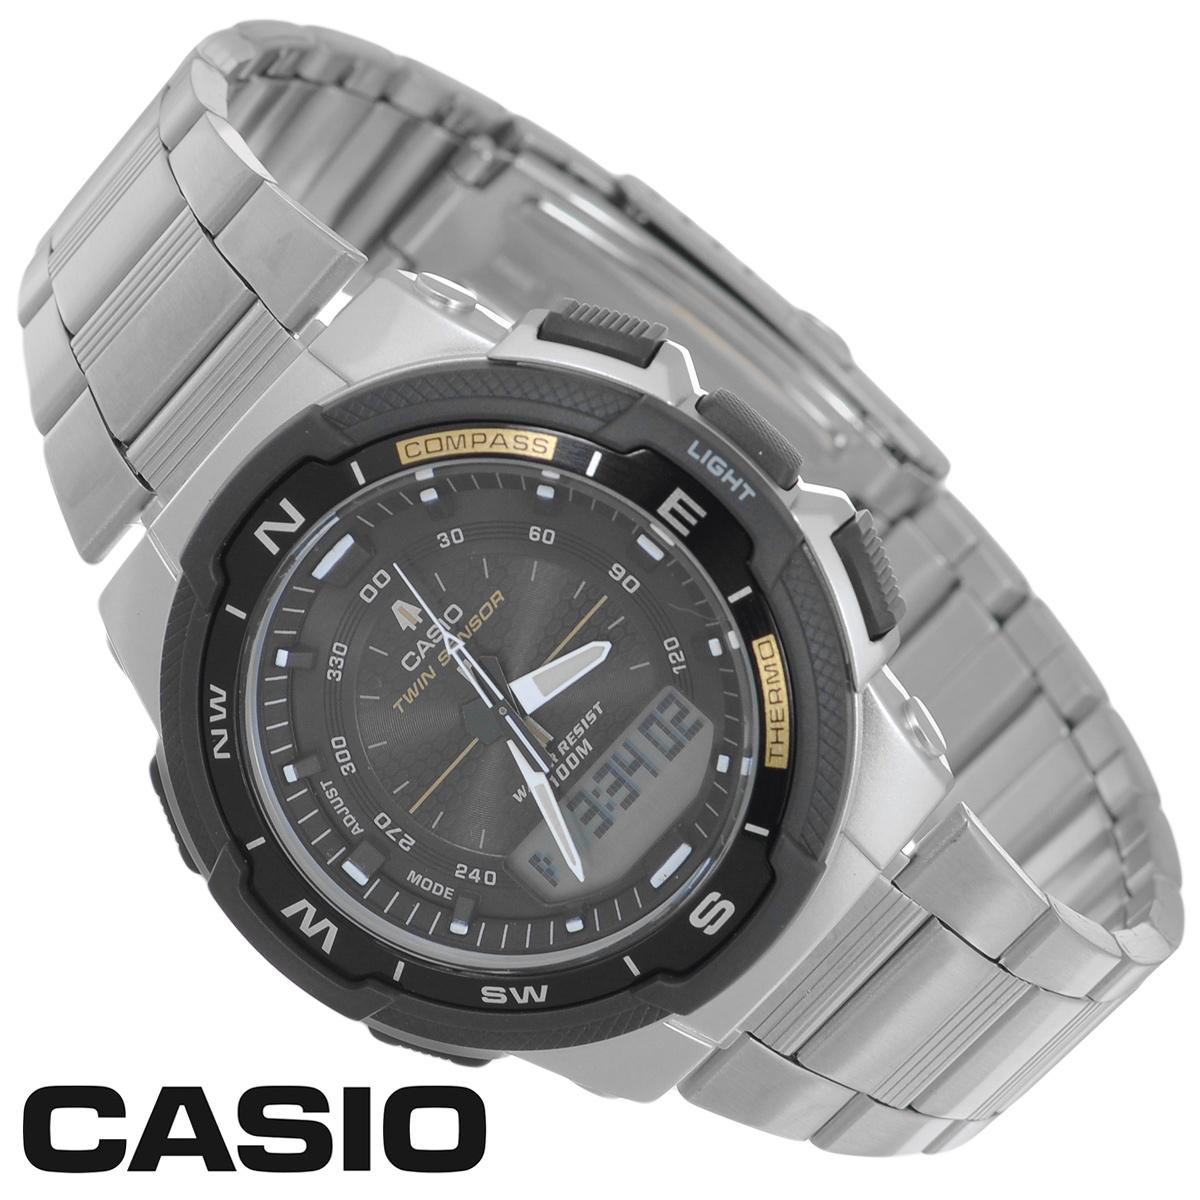 Часы мужские наручные Casio, цвет: серебристый. SGW-500HD-1BSGW-500HD-1BСтильные многофункциональные часы от японского брэнда Casio - это яркий функциональный аксессуар для современных людей, которые стремятся выделиться из толпы и подчеркнуть свою индивидуальность. Часы выполнены в спортивном стиле. Часы оснащены японским кварцевым механизмом. Корпус часов изготовлен из пластика и имеет алюминиевый безель. Циферблат оснащен тремя стрелками и подсвечивается светодиодом. Ремешок из стали оснащен раскладывающейся застежкой, расстегиваемой в одно касание. Основные функции: - 5 будильников, ежечасный сигнал; - встроенный датчик температур от -10° до +60°С с точностью 0,1°C; - автоматический календарь (число, месяц, день недели, год); - встроенный цифровой компас; - секундомер с точностью показаний 1/100 с, время измерения 24 ч; - 12-ти и 24-х часовой формат времени; - таймер обратного отсчета от 1 мин до 100 мин; - функция включения/отключения...